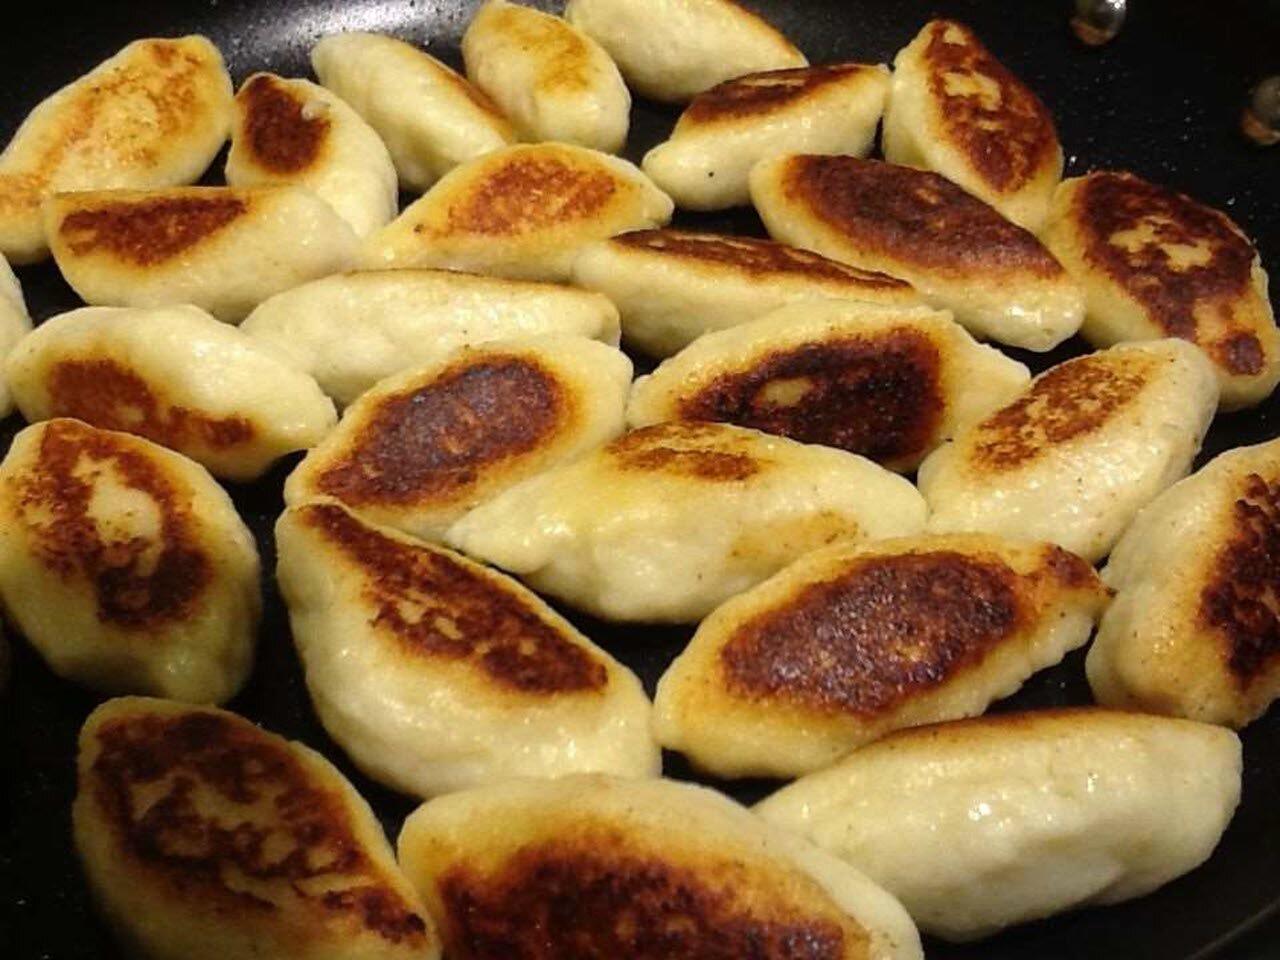 schupfnudeln german fried potato dumplings